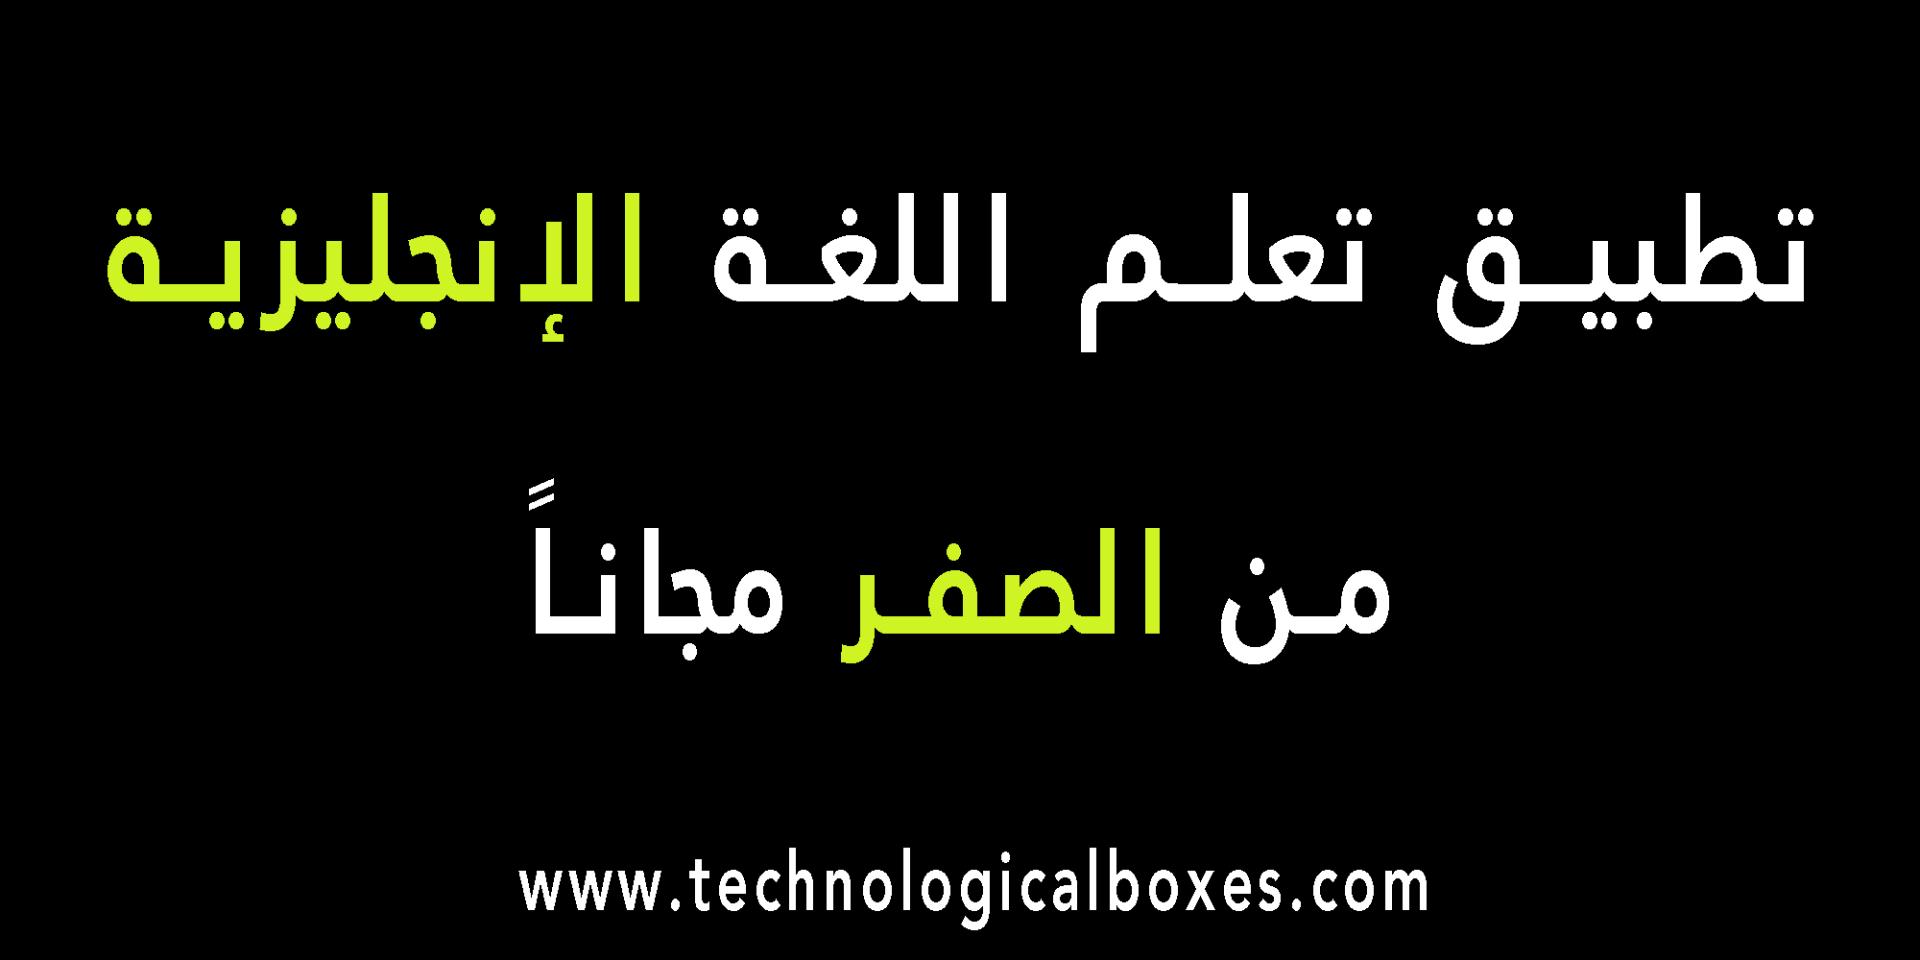 تطبيق تعلم اللغة الانجليزية من الصفر مجاناً